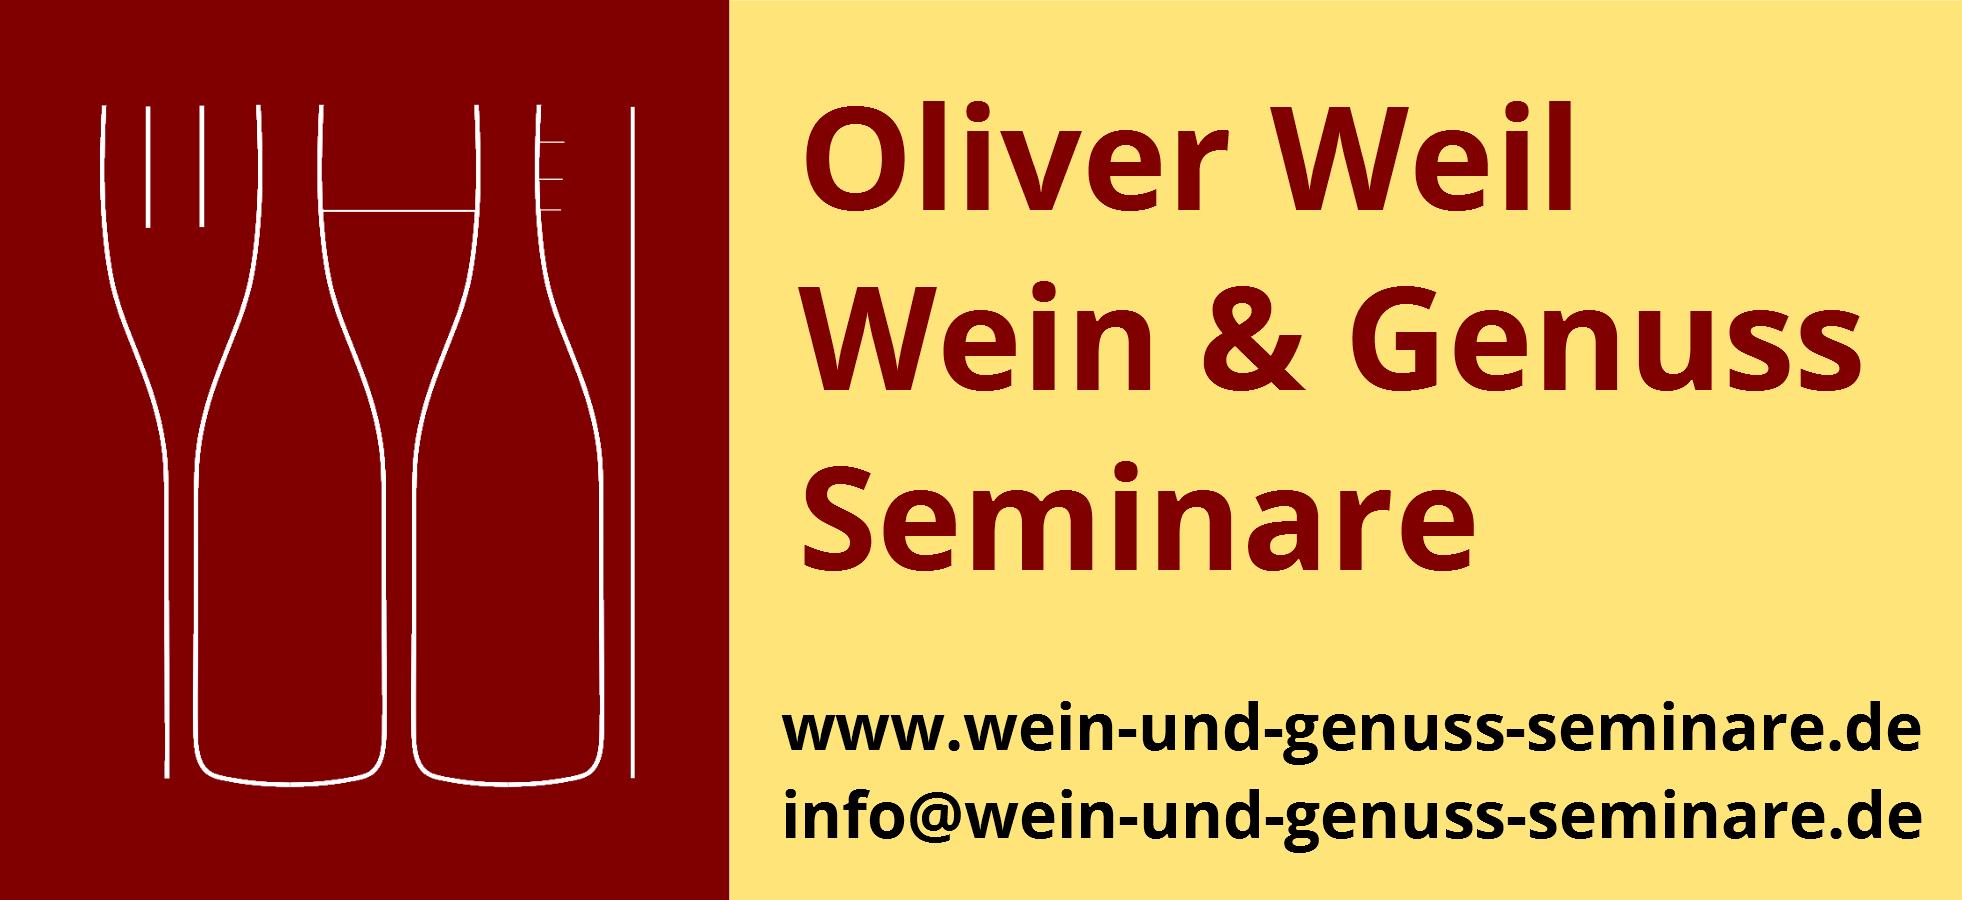 Oliver Weil - Wein & Genuss Seminare in Berlin